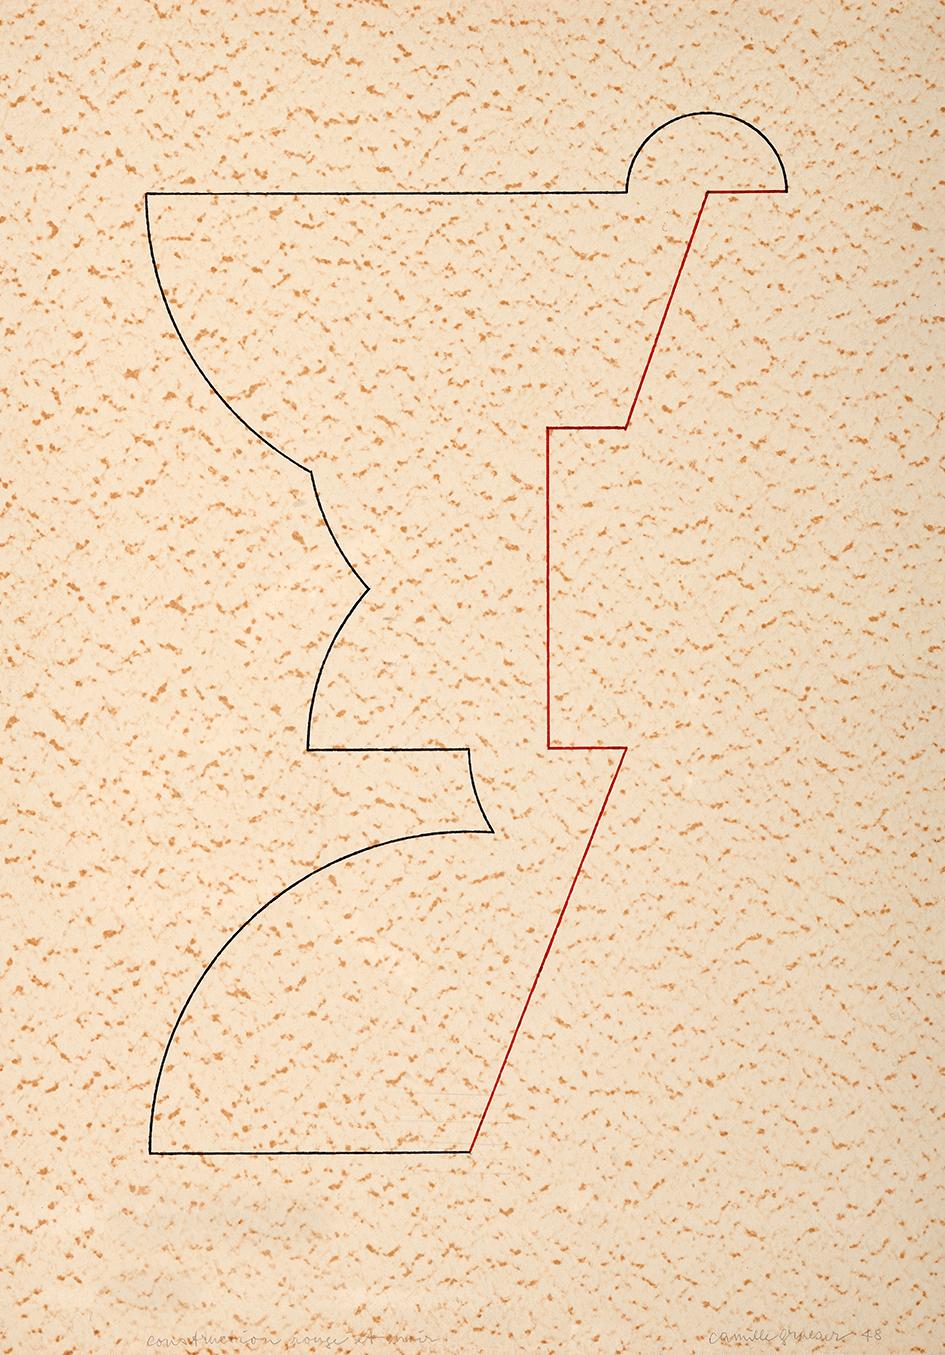 Graeser Camille, Construction rouge et noir